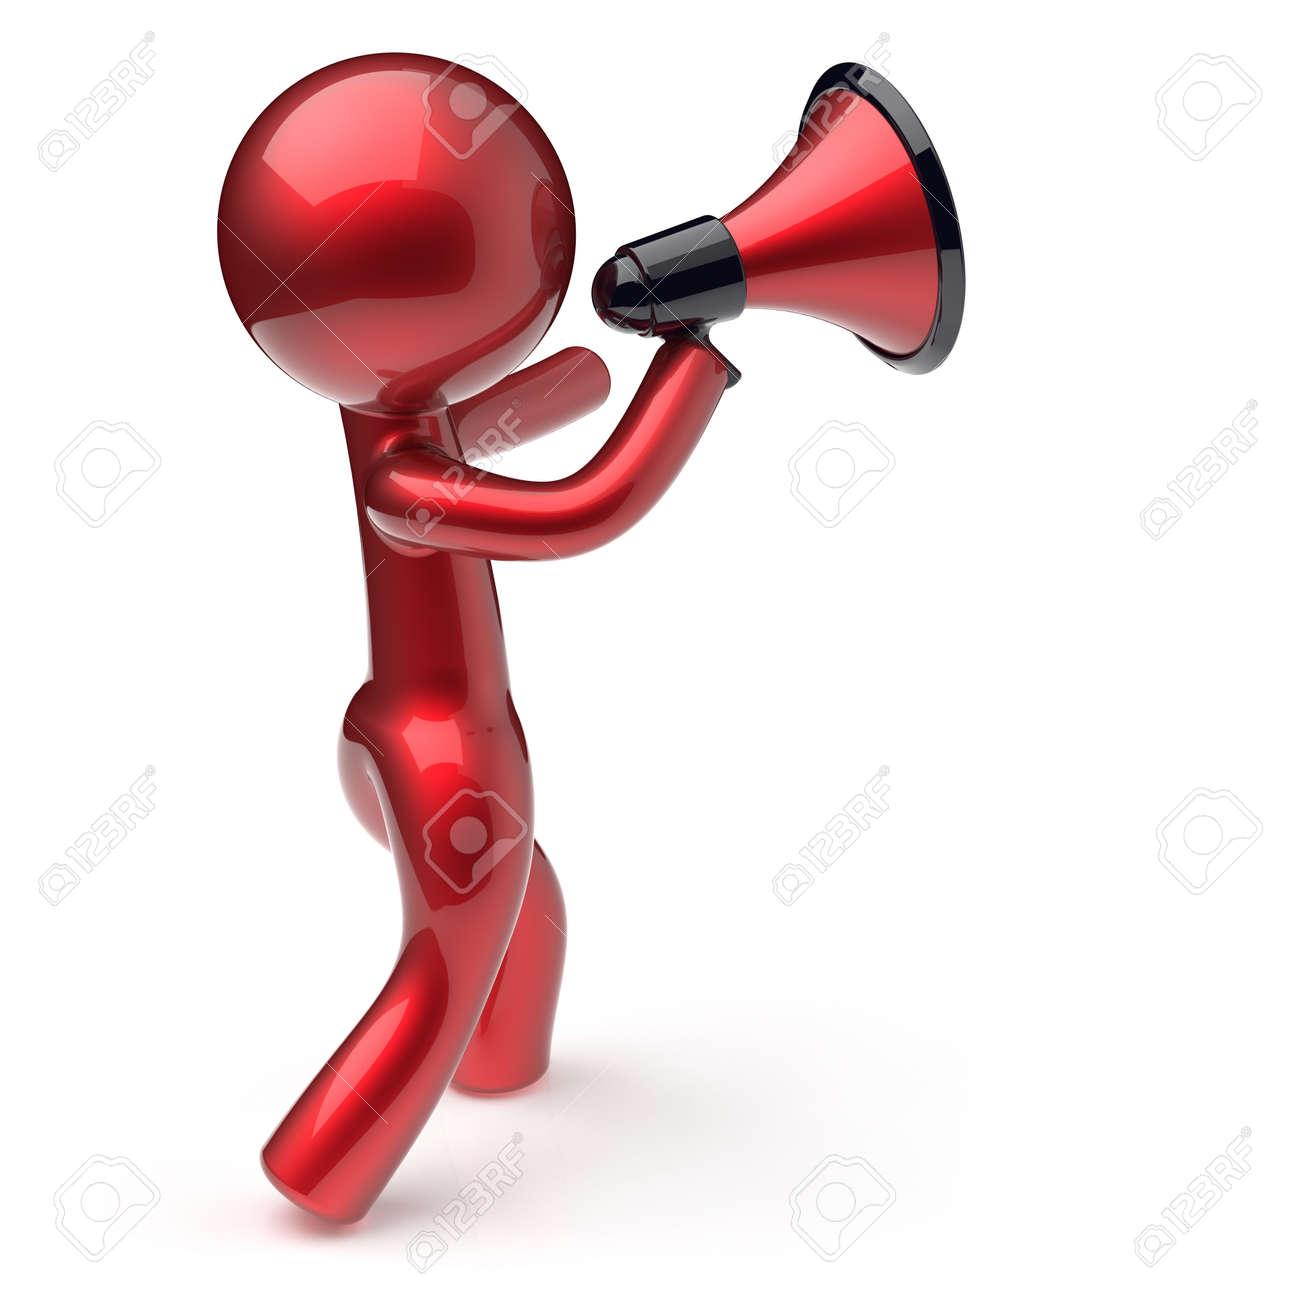 Type De Haut Parleur caractère mégaphone annonce homme parlant faisant nouvelles rouge stylisée  haut-parleurs de type dessin animé humaine communication de personne de